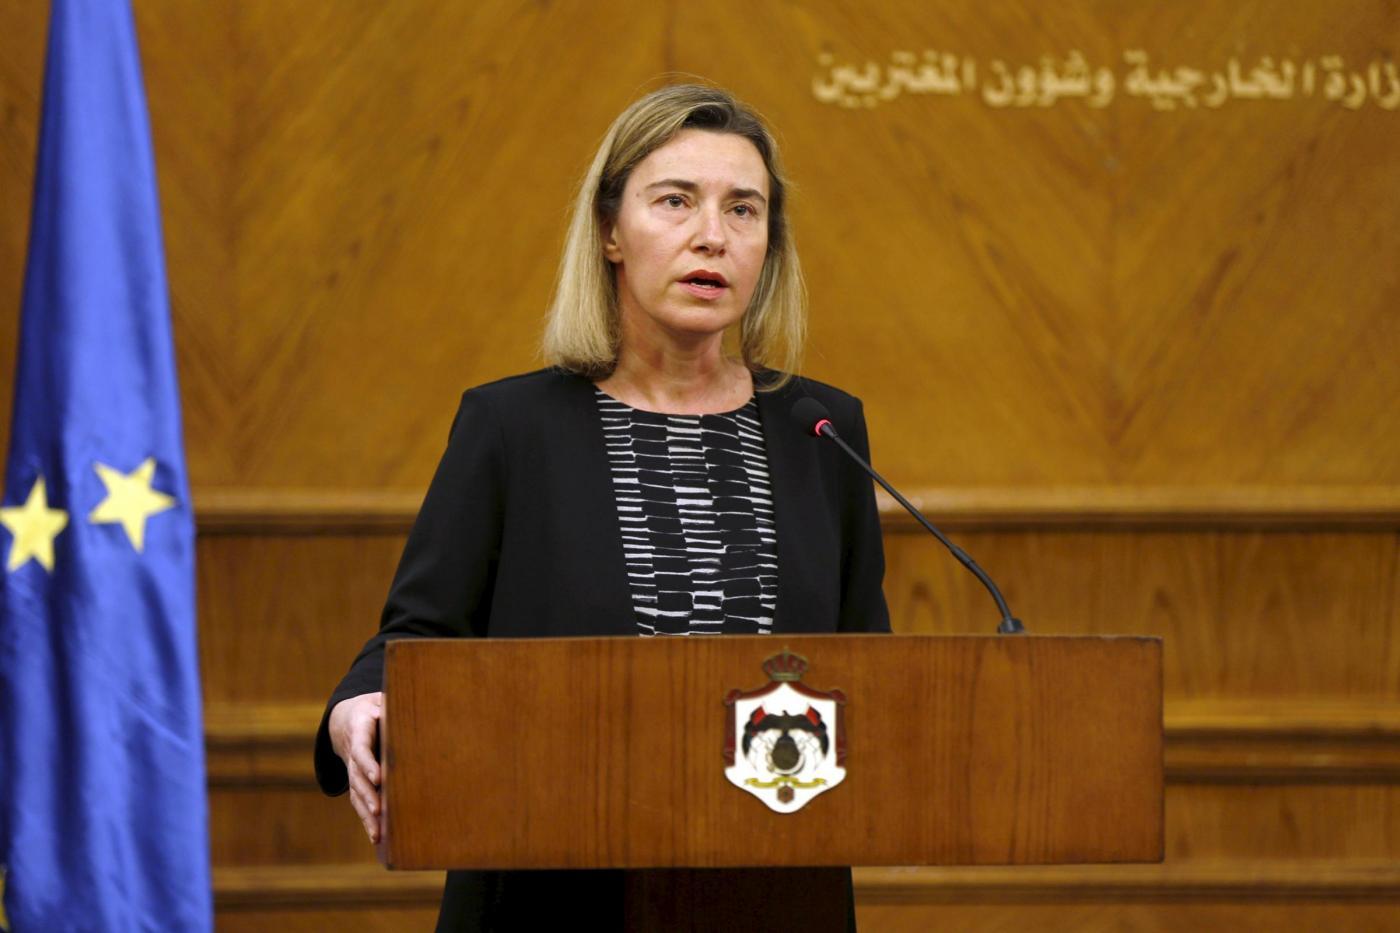 Bruxelles sotto attacco: le lacrime di Federica Mogherini